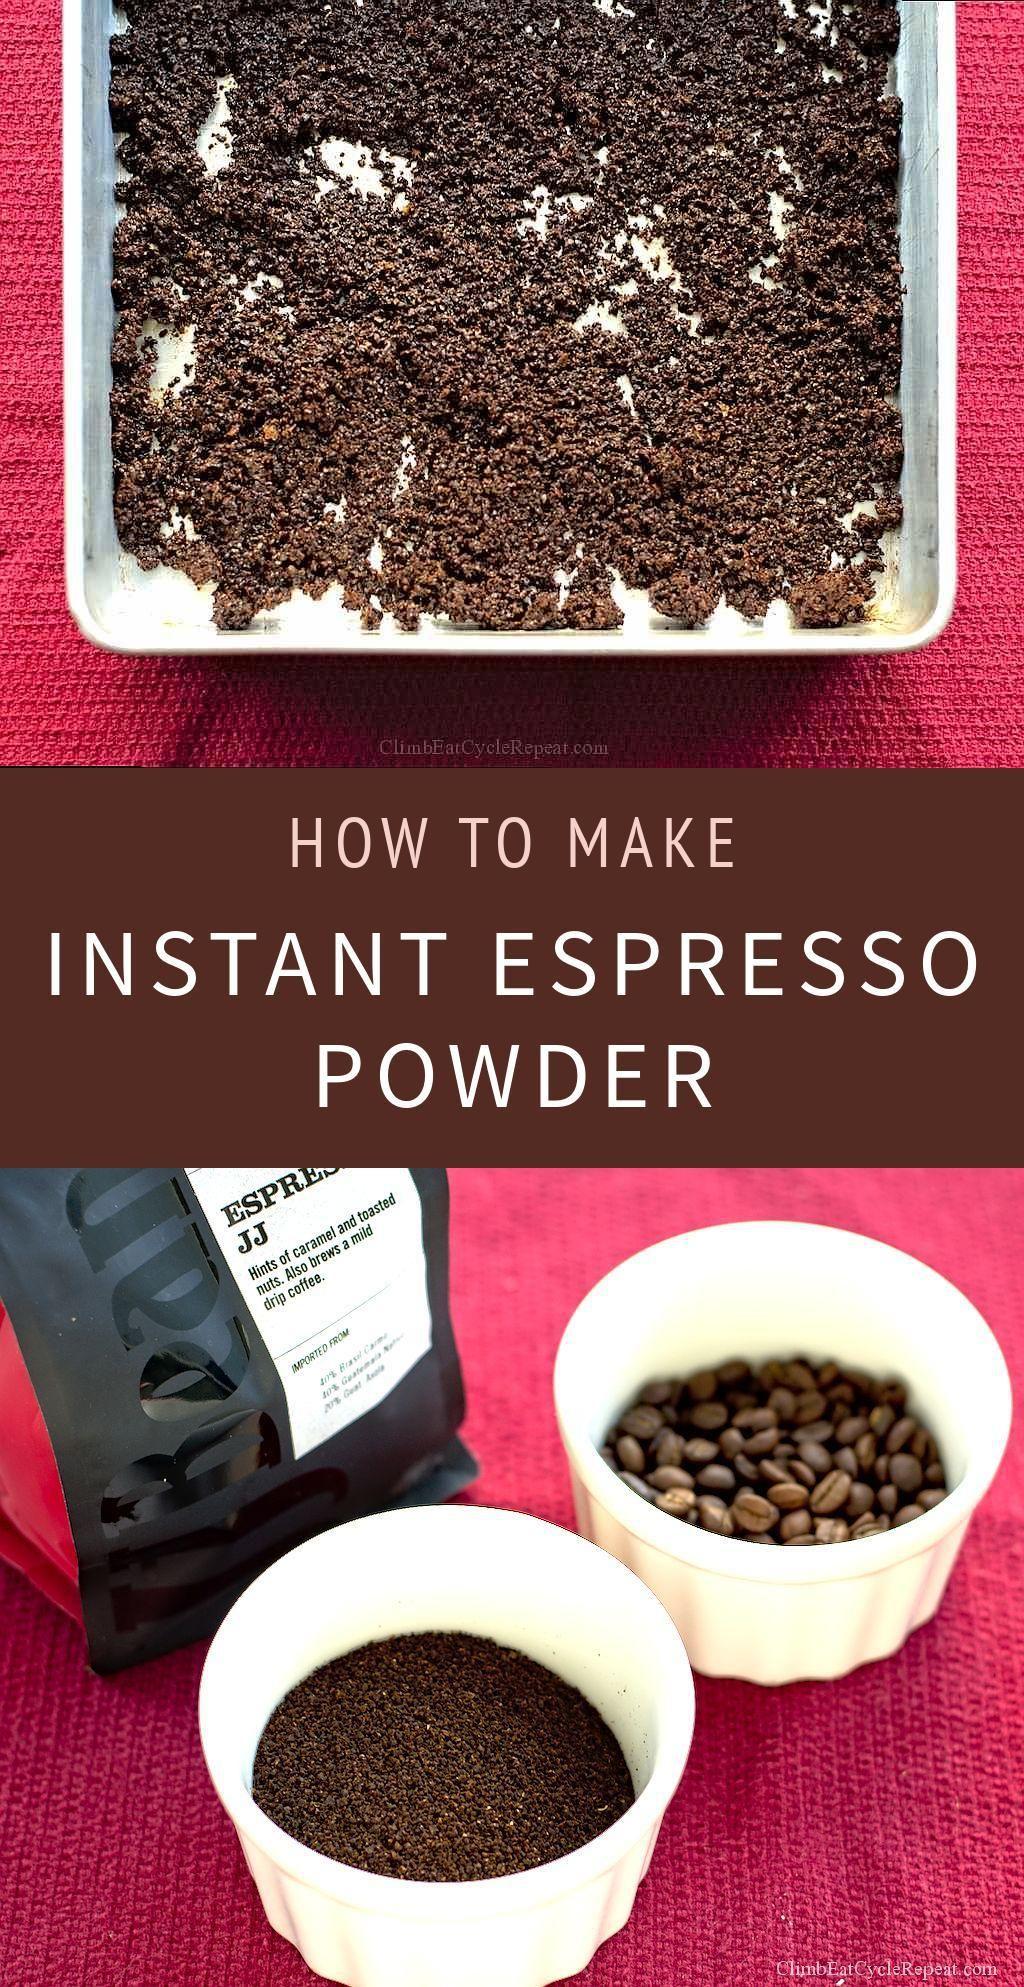 Climbeatcyclerepeat Com Homemade Espresso Powder Espresso